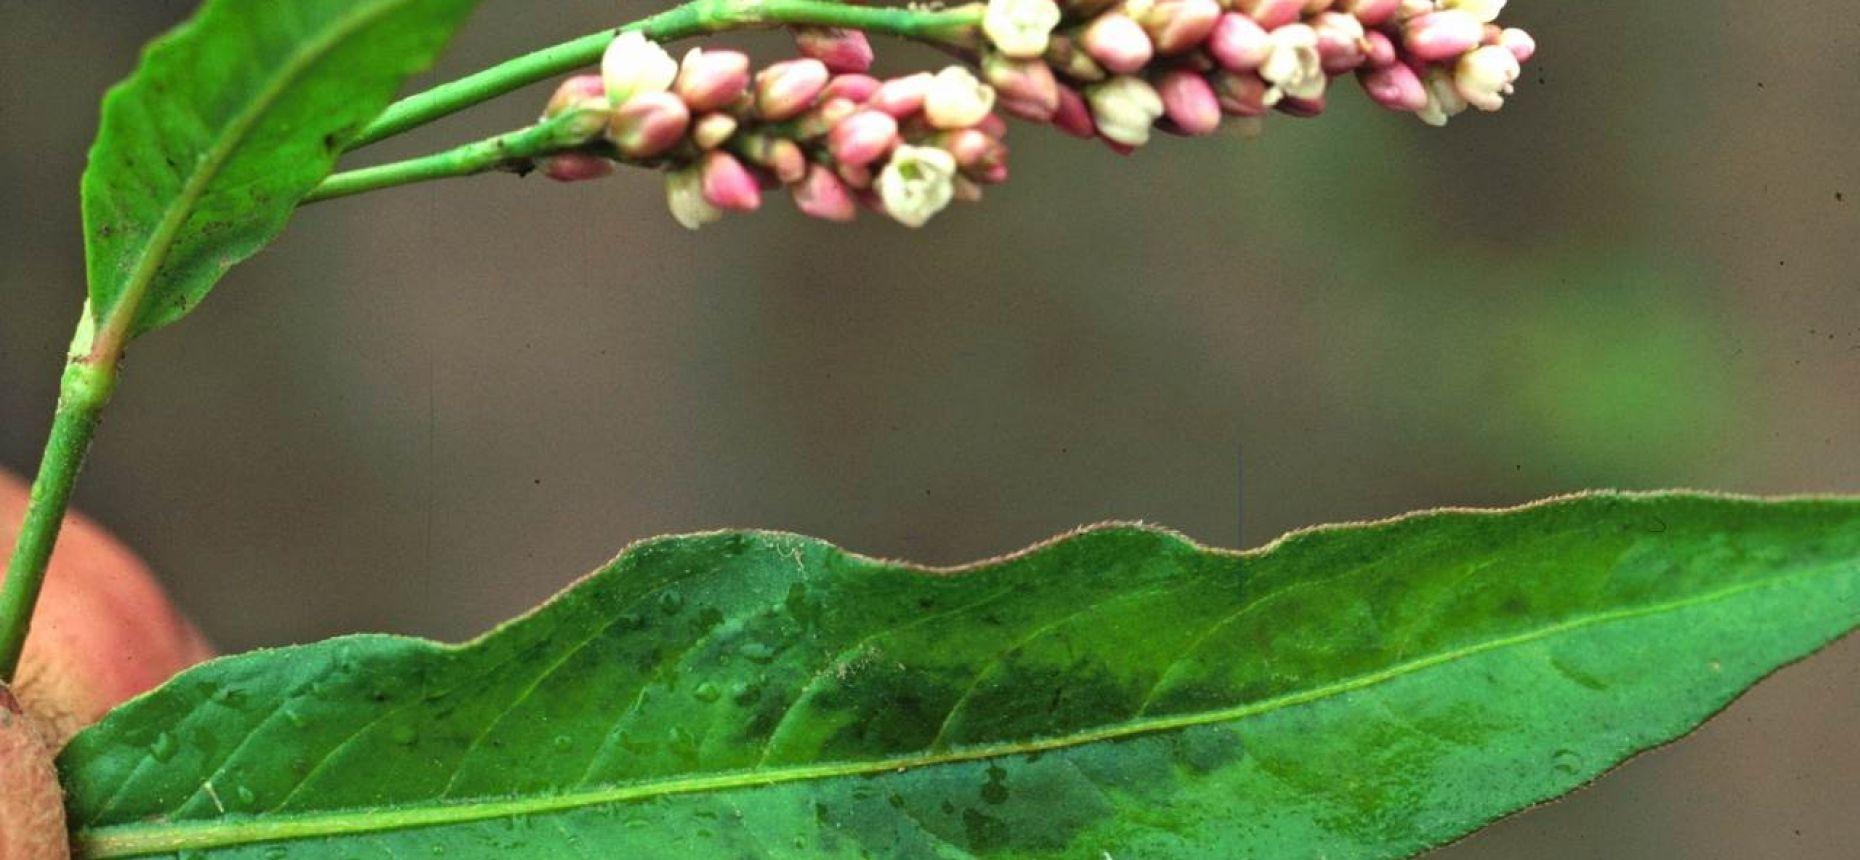 Горец почечуйный, Почечуйная трава, Персикария пятнистая - Persicaria maculosa S.F. Gray